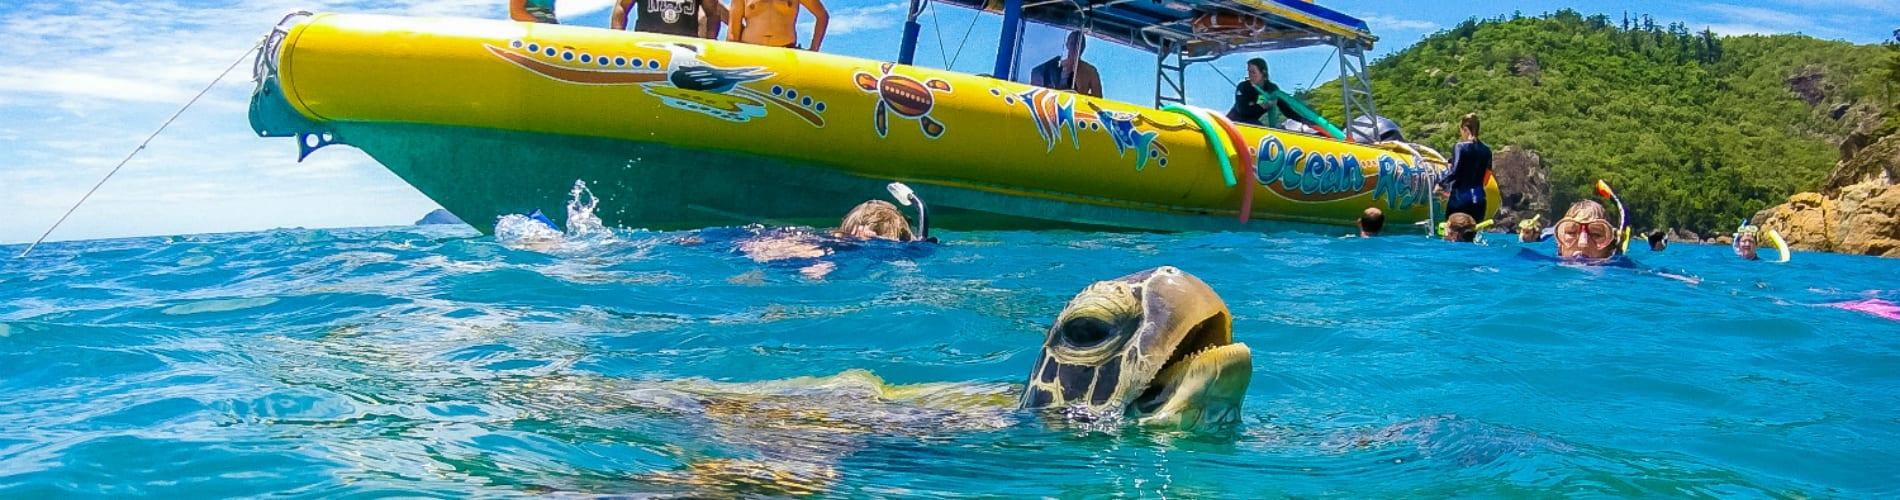 Whitsundays snorkelling - Ocean Rafting Northern Exposure